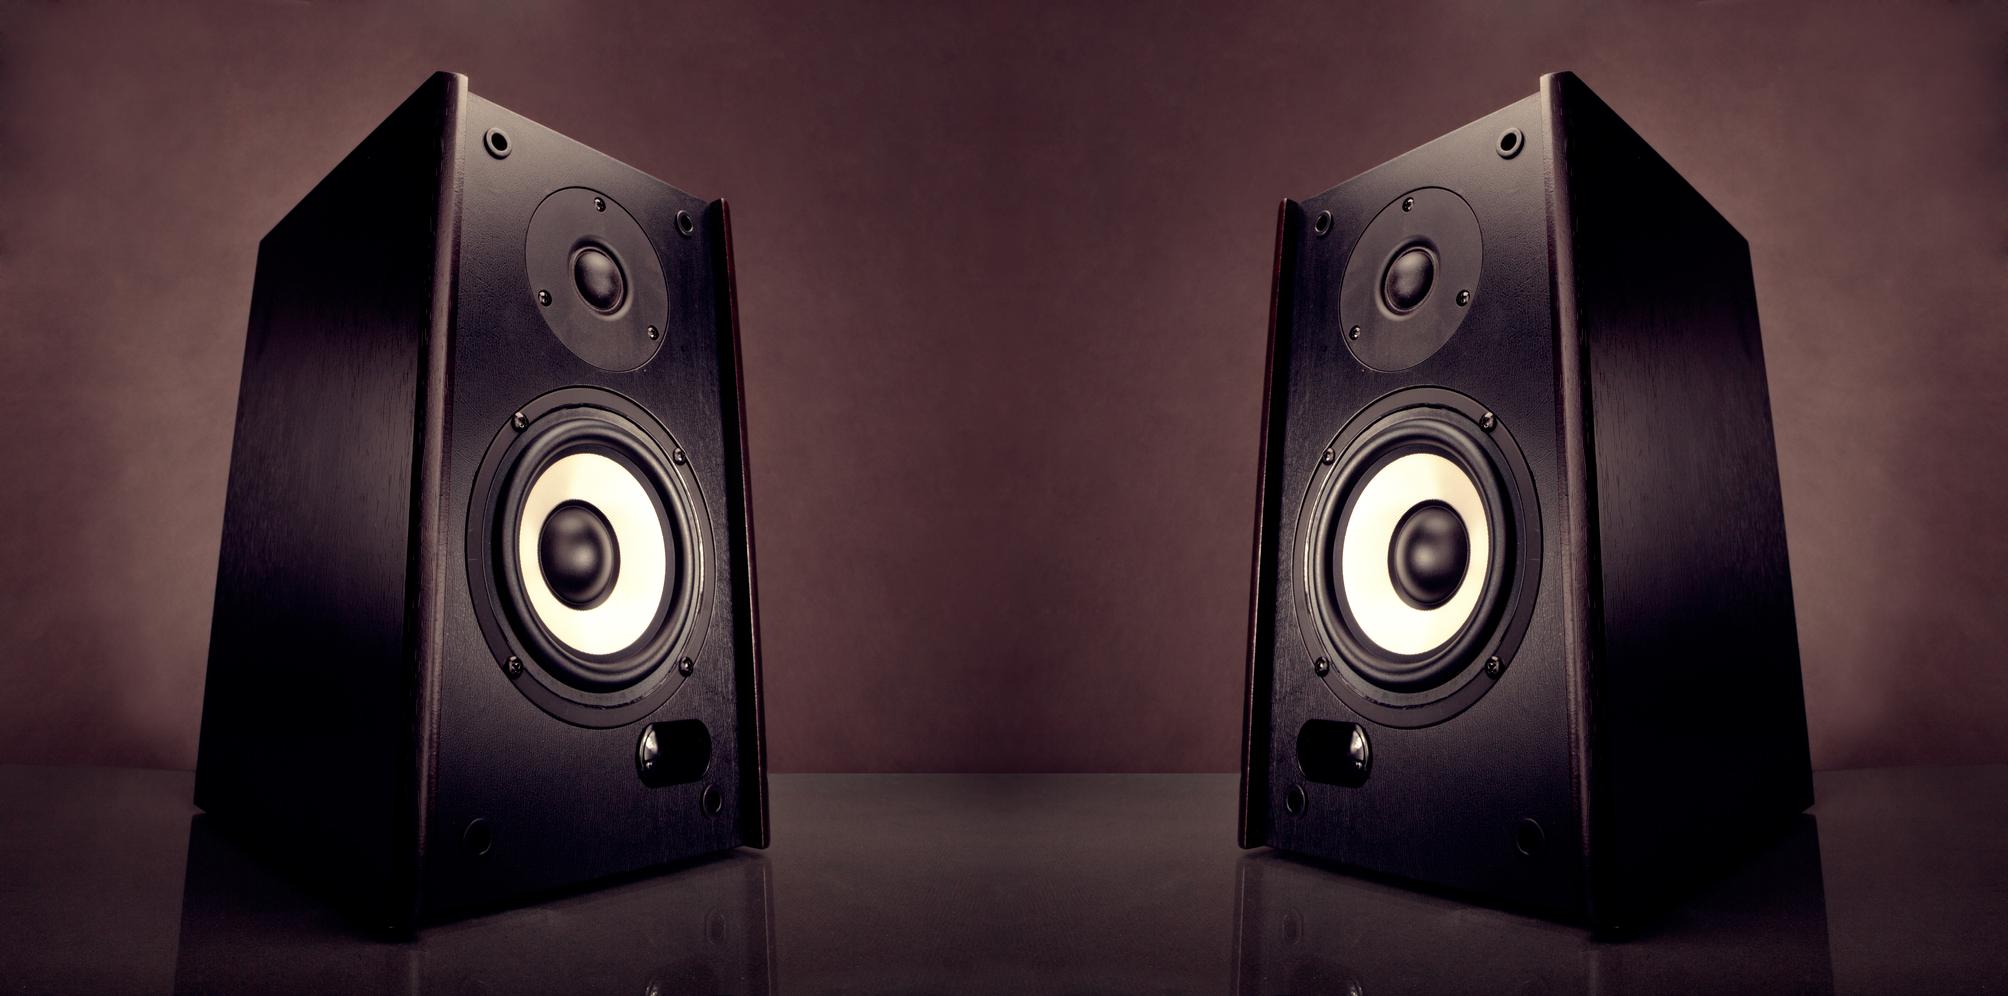 Sonorizzare facilmente un ambiente con i piccoli impianti di amplificazione